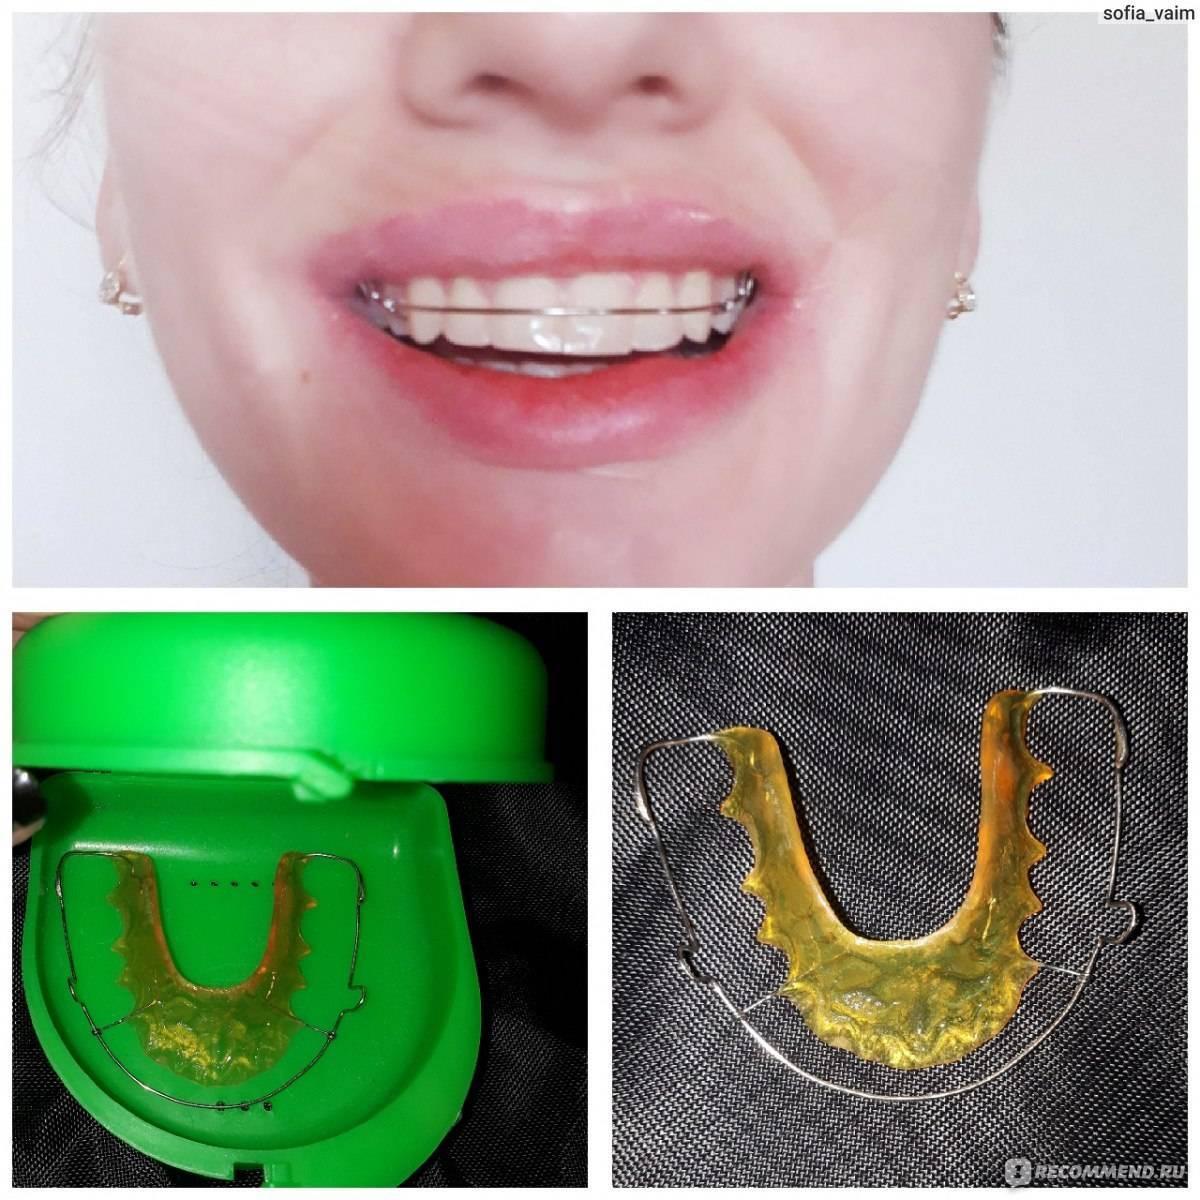 Топ-10 рекомендаций после отбеливания зубов